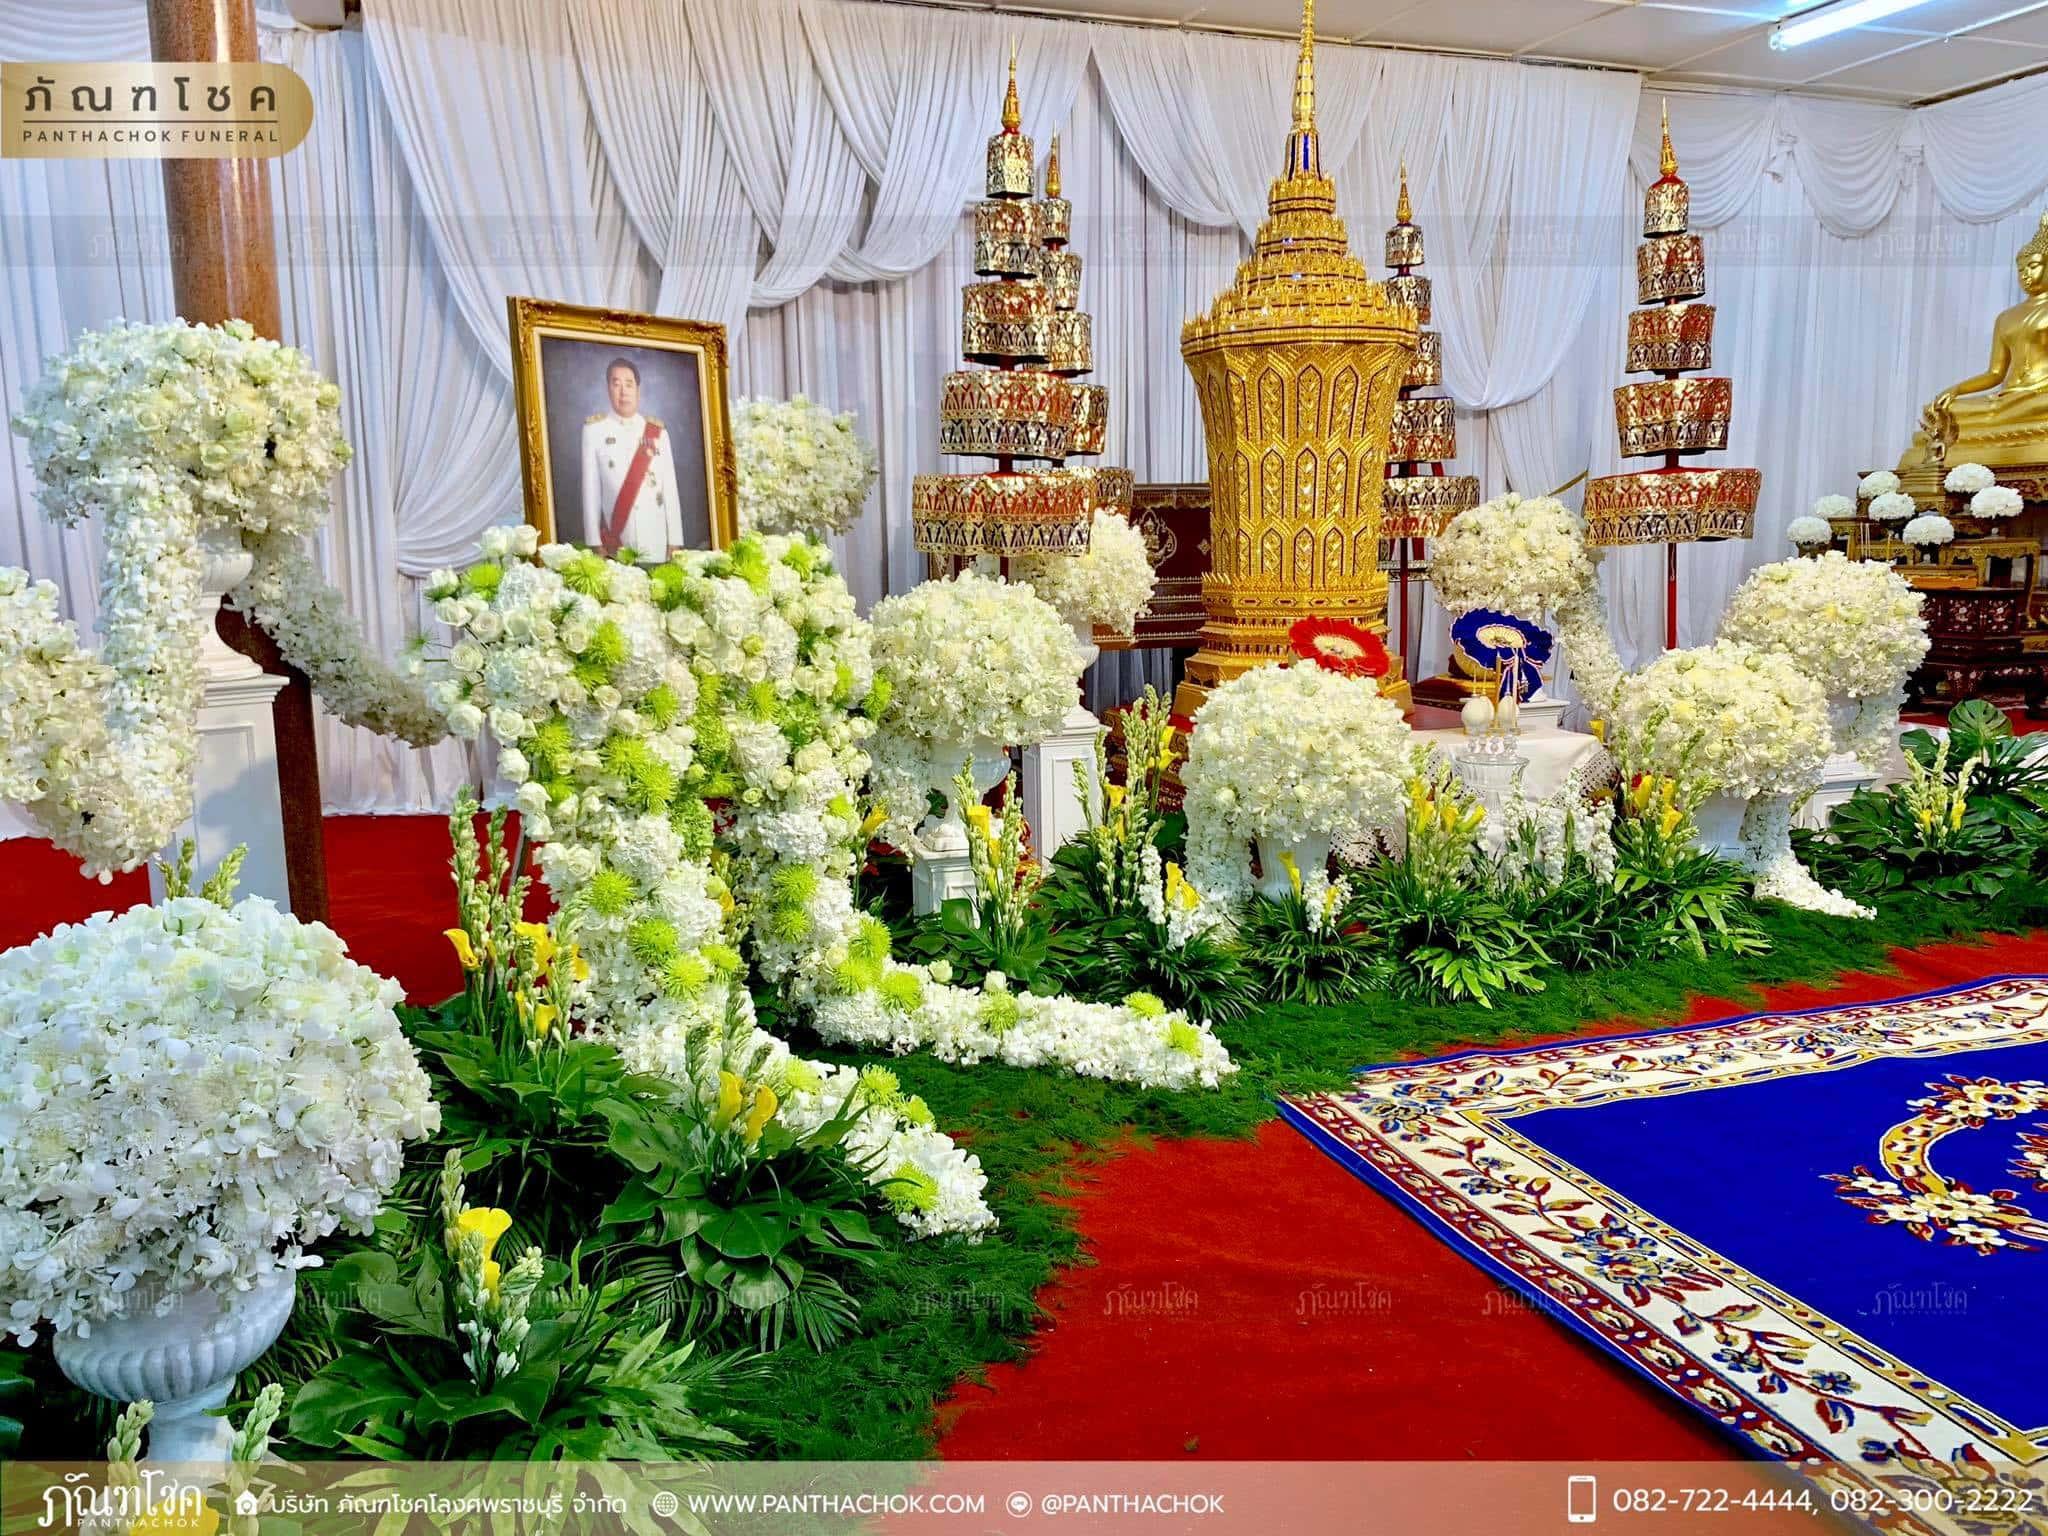 ดอกไม้ประดับหน้าโกศ อดีตผู้ว่าราชการจังหวัดราชบุรี 9